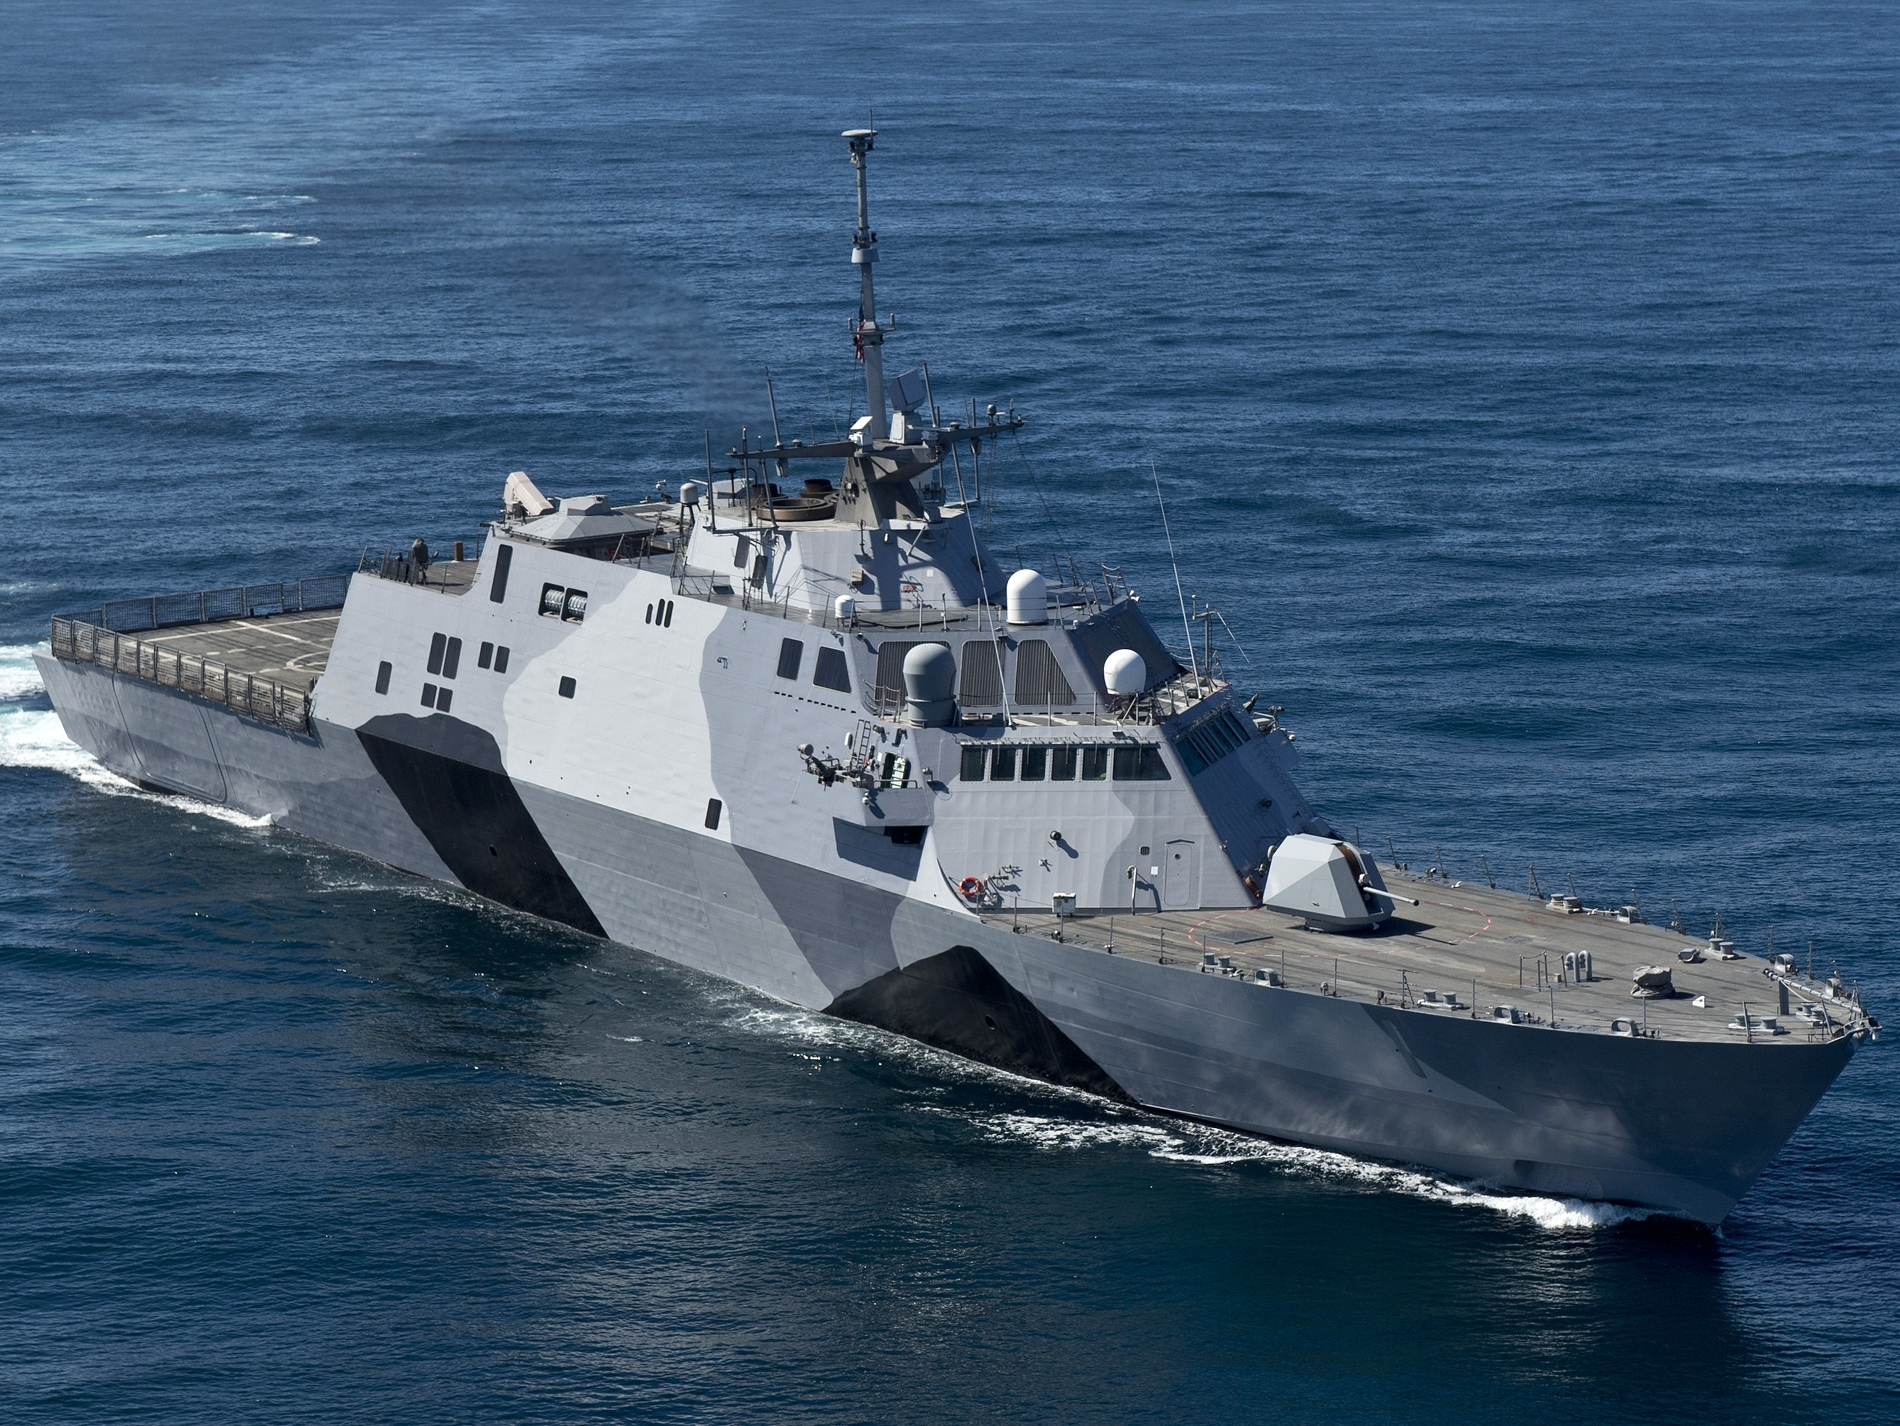 В США начали выводить из эксплуатации новые военные корабли